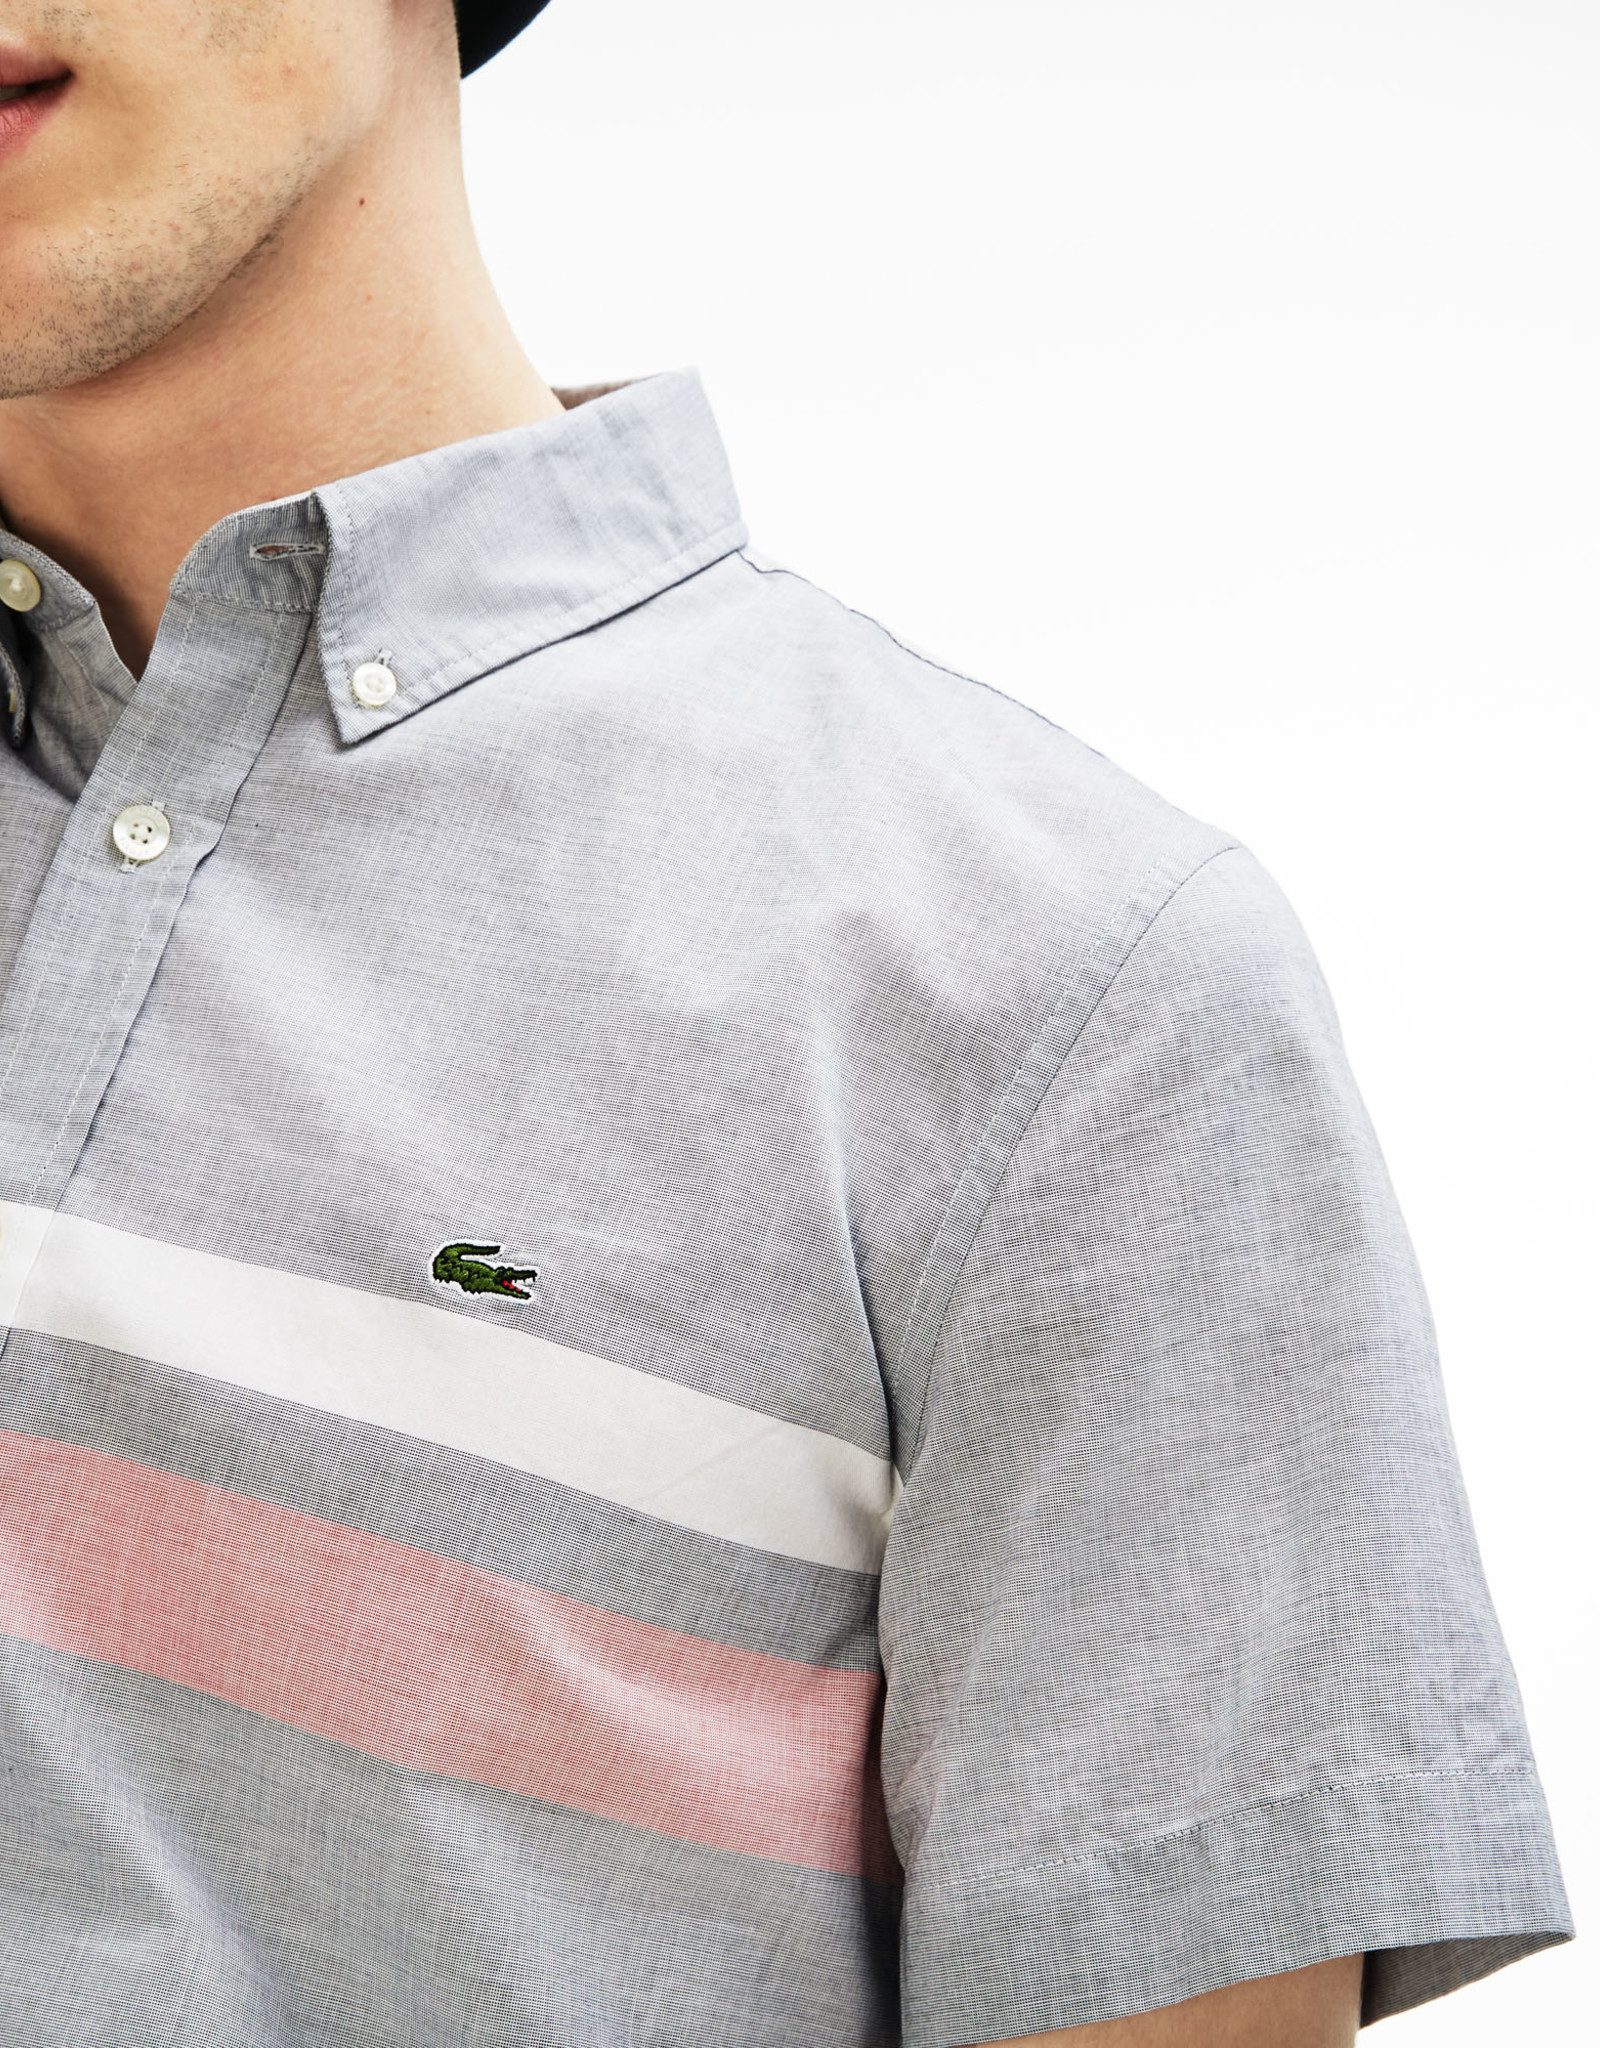 Lacoste Lacoste S/S Shirt